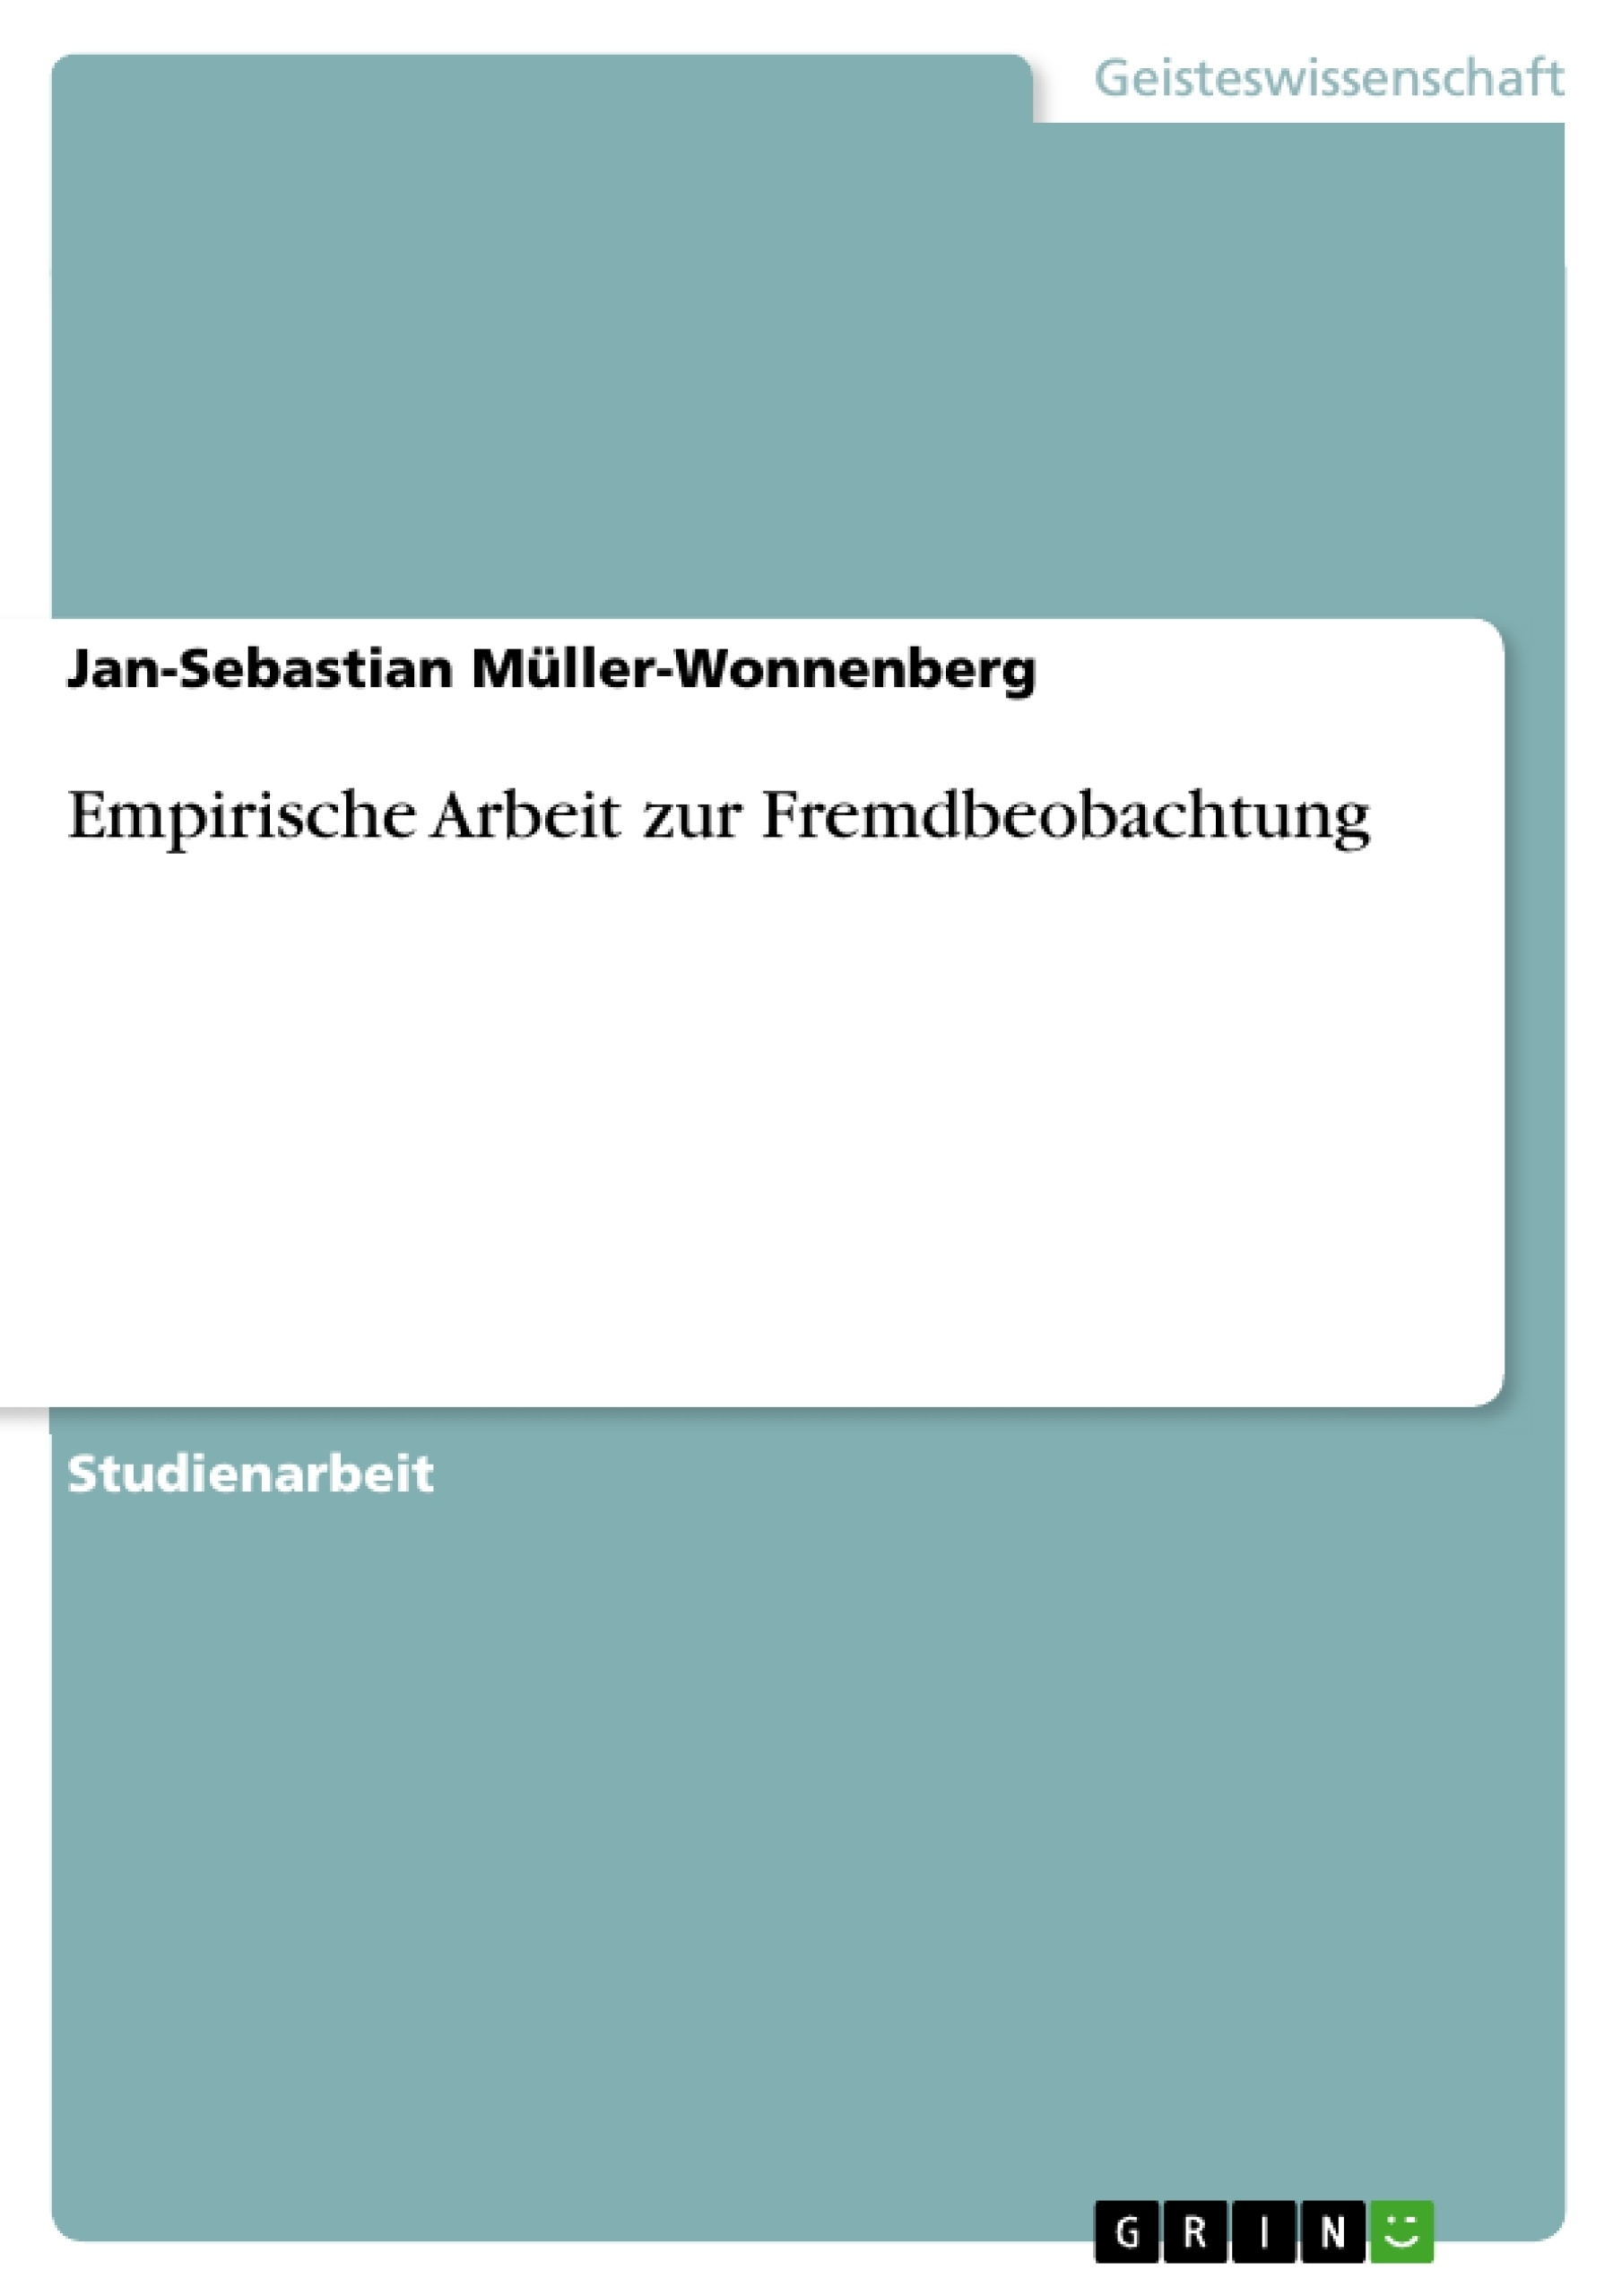 Titel: Empirische Arbeit zur Fremdbeobachtung